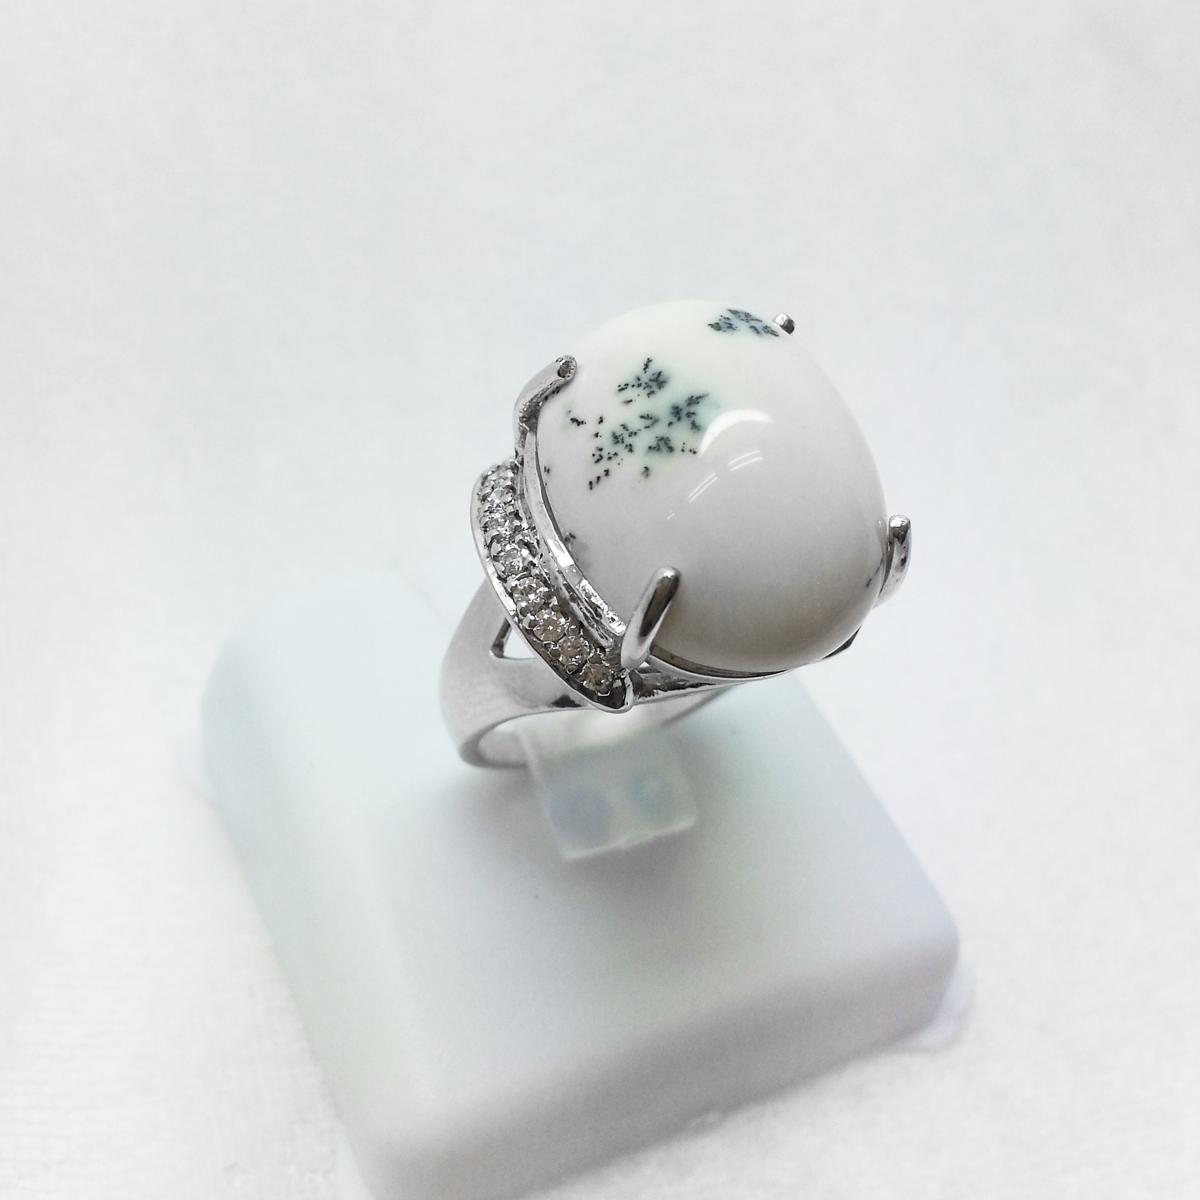 แหวนเงิน งานแฮนด์เมด หินโอปอ สีขาวงาช้าง